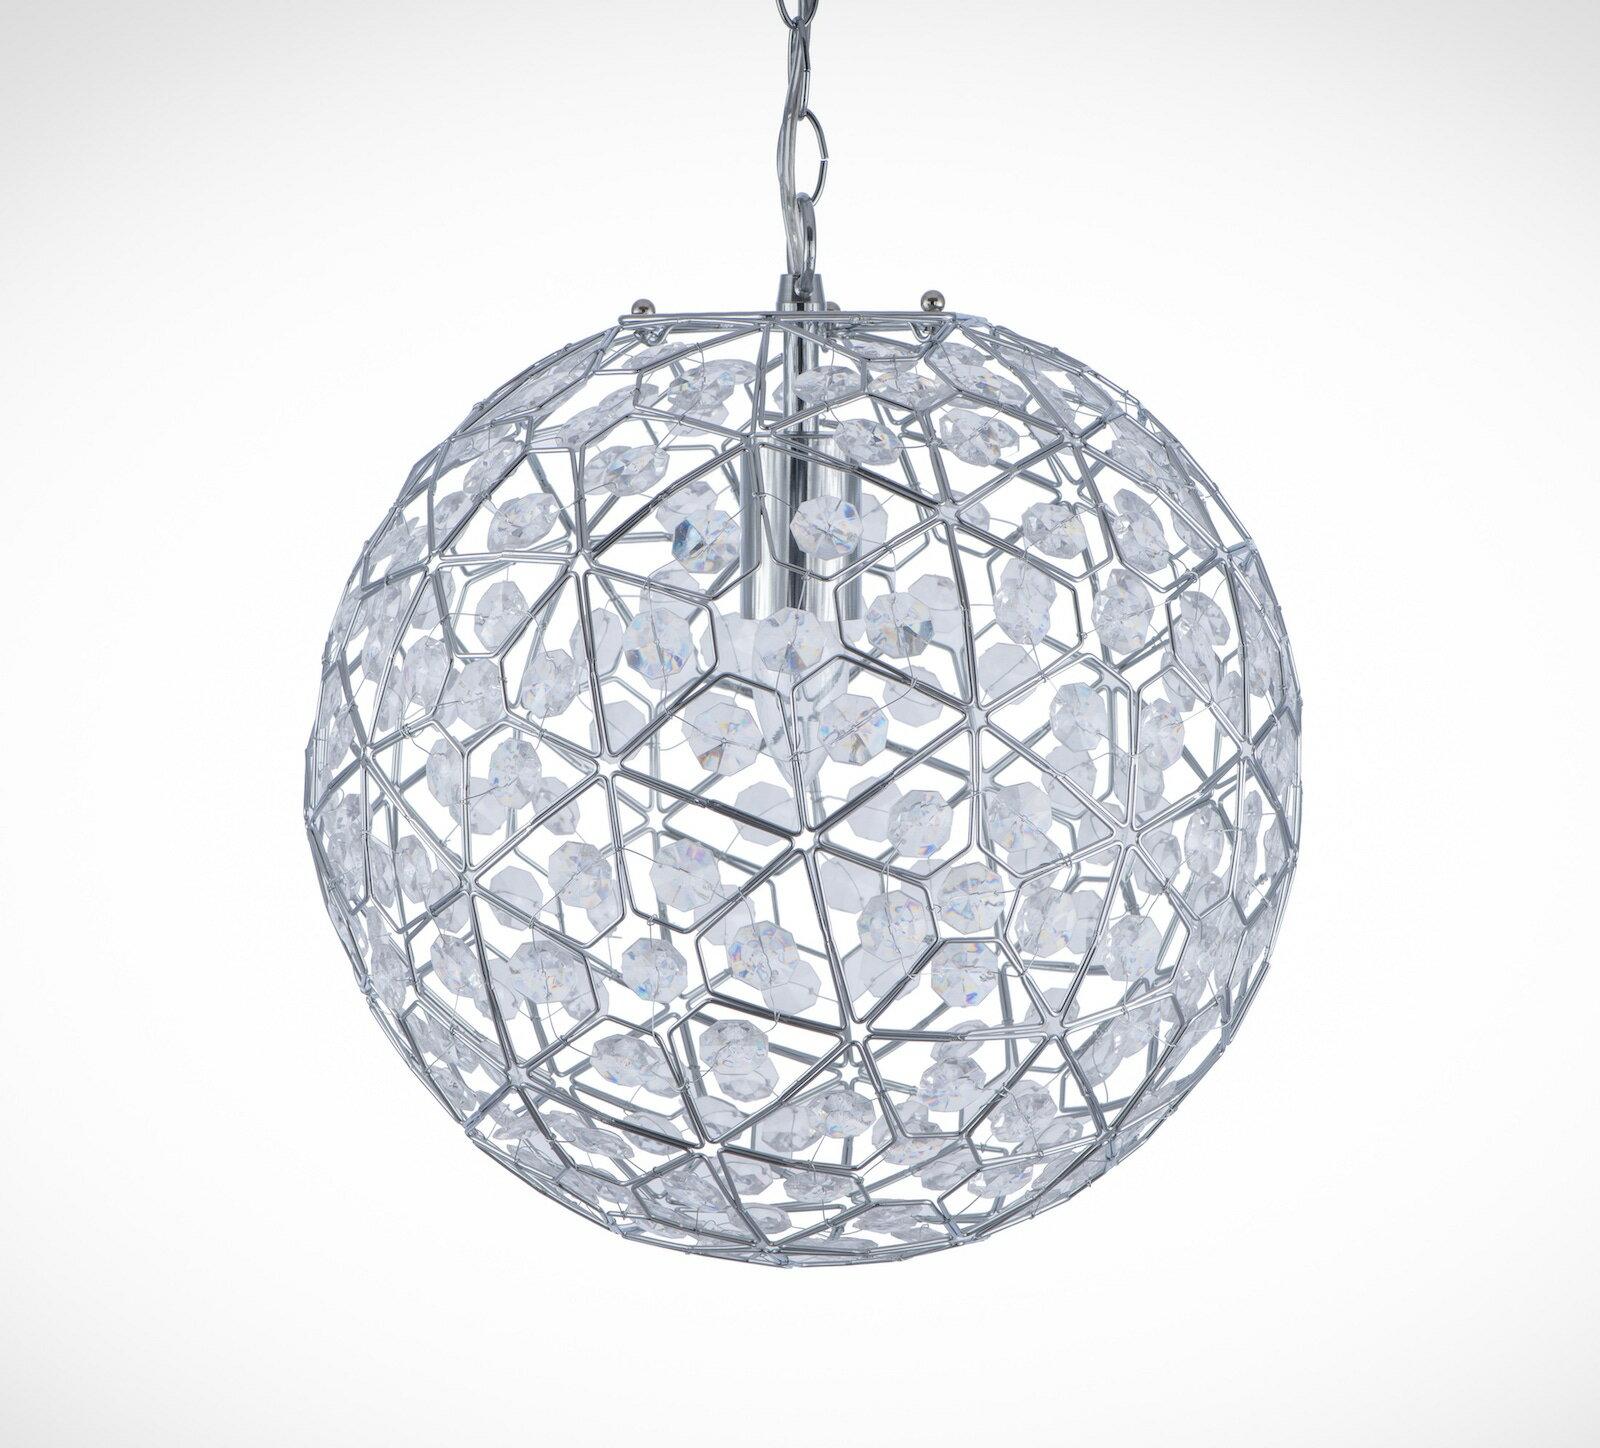 圓形幾何圖案壓克力吊燈-BNL00069 0